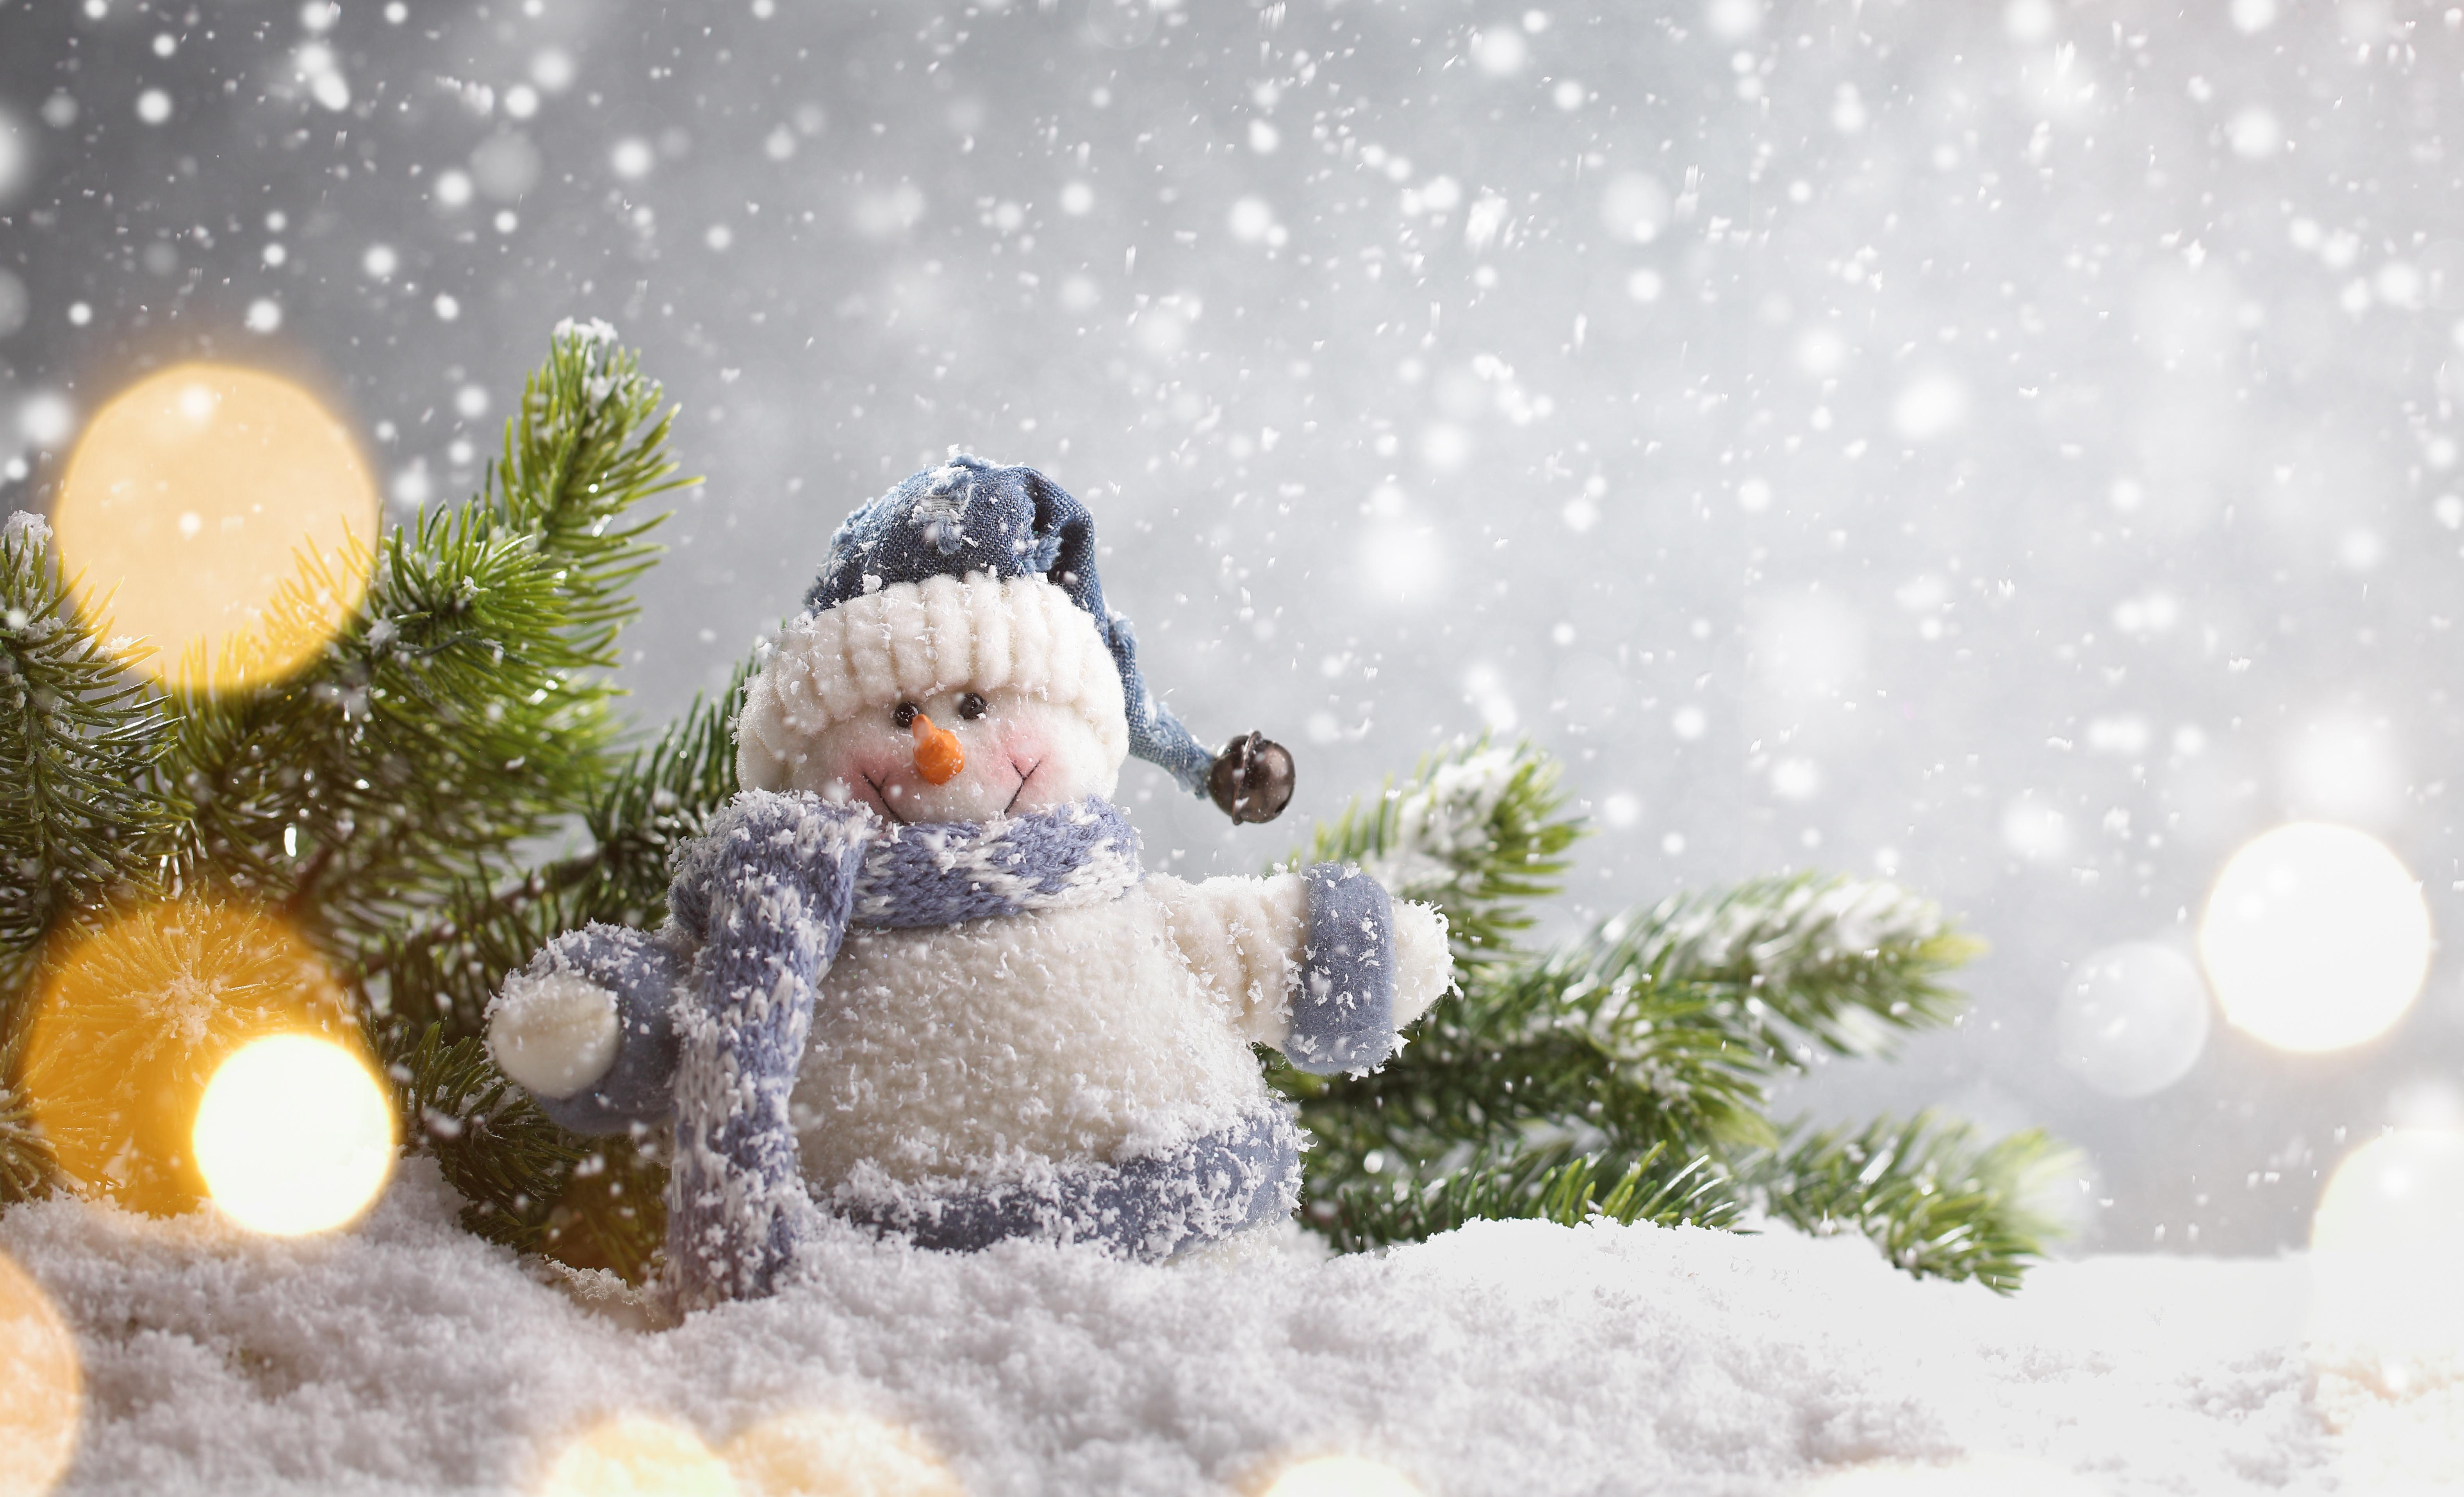 Зимние картинки на новый год 2019, своими